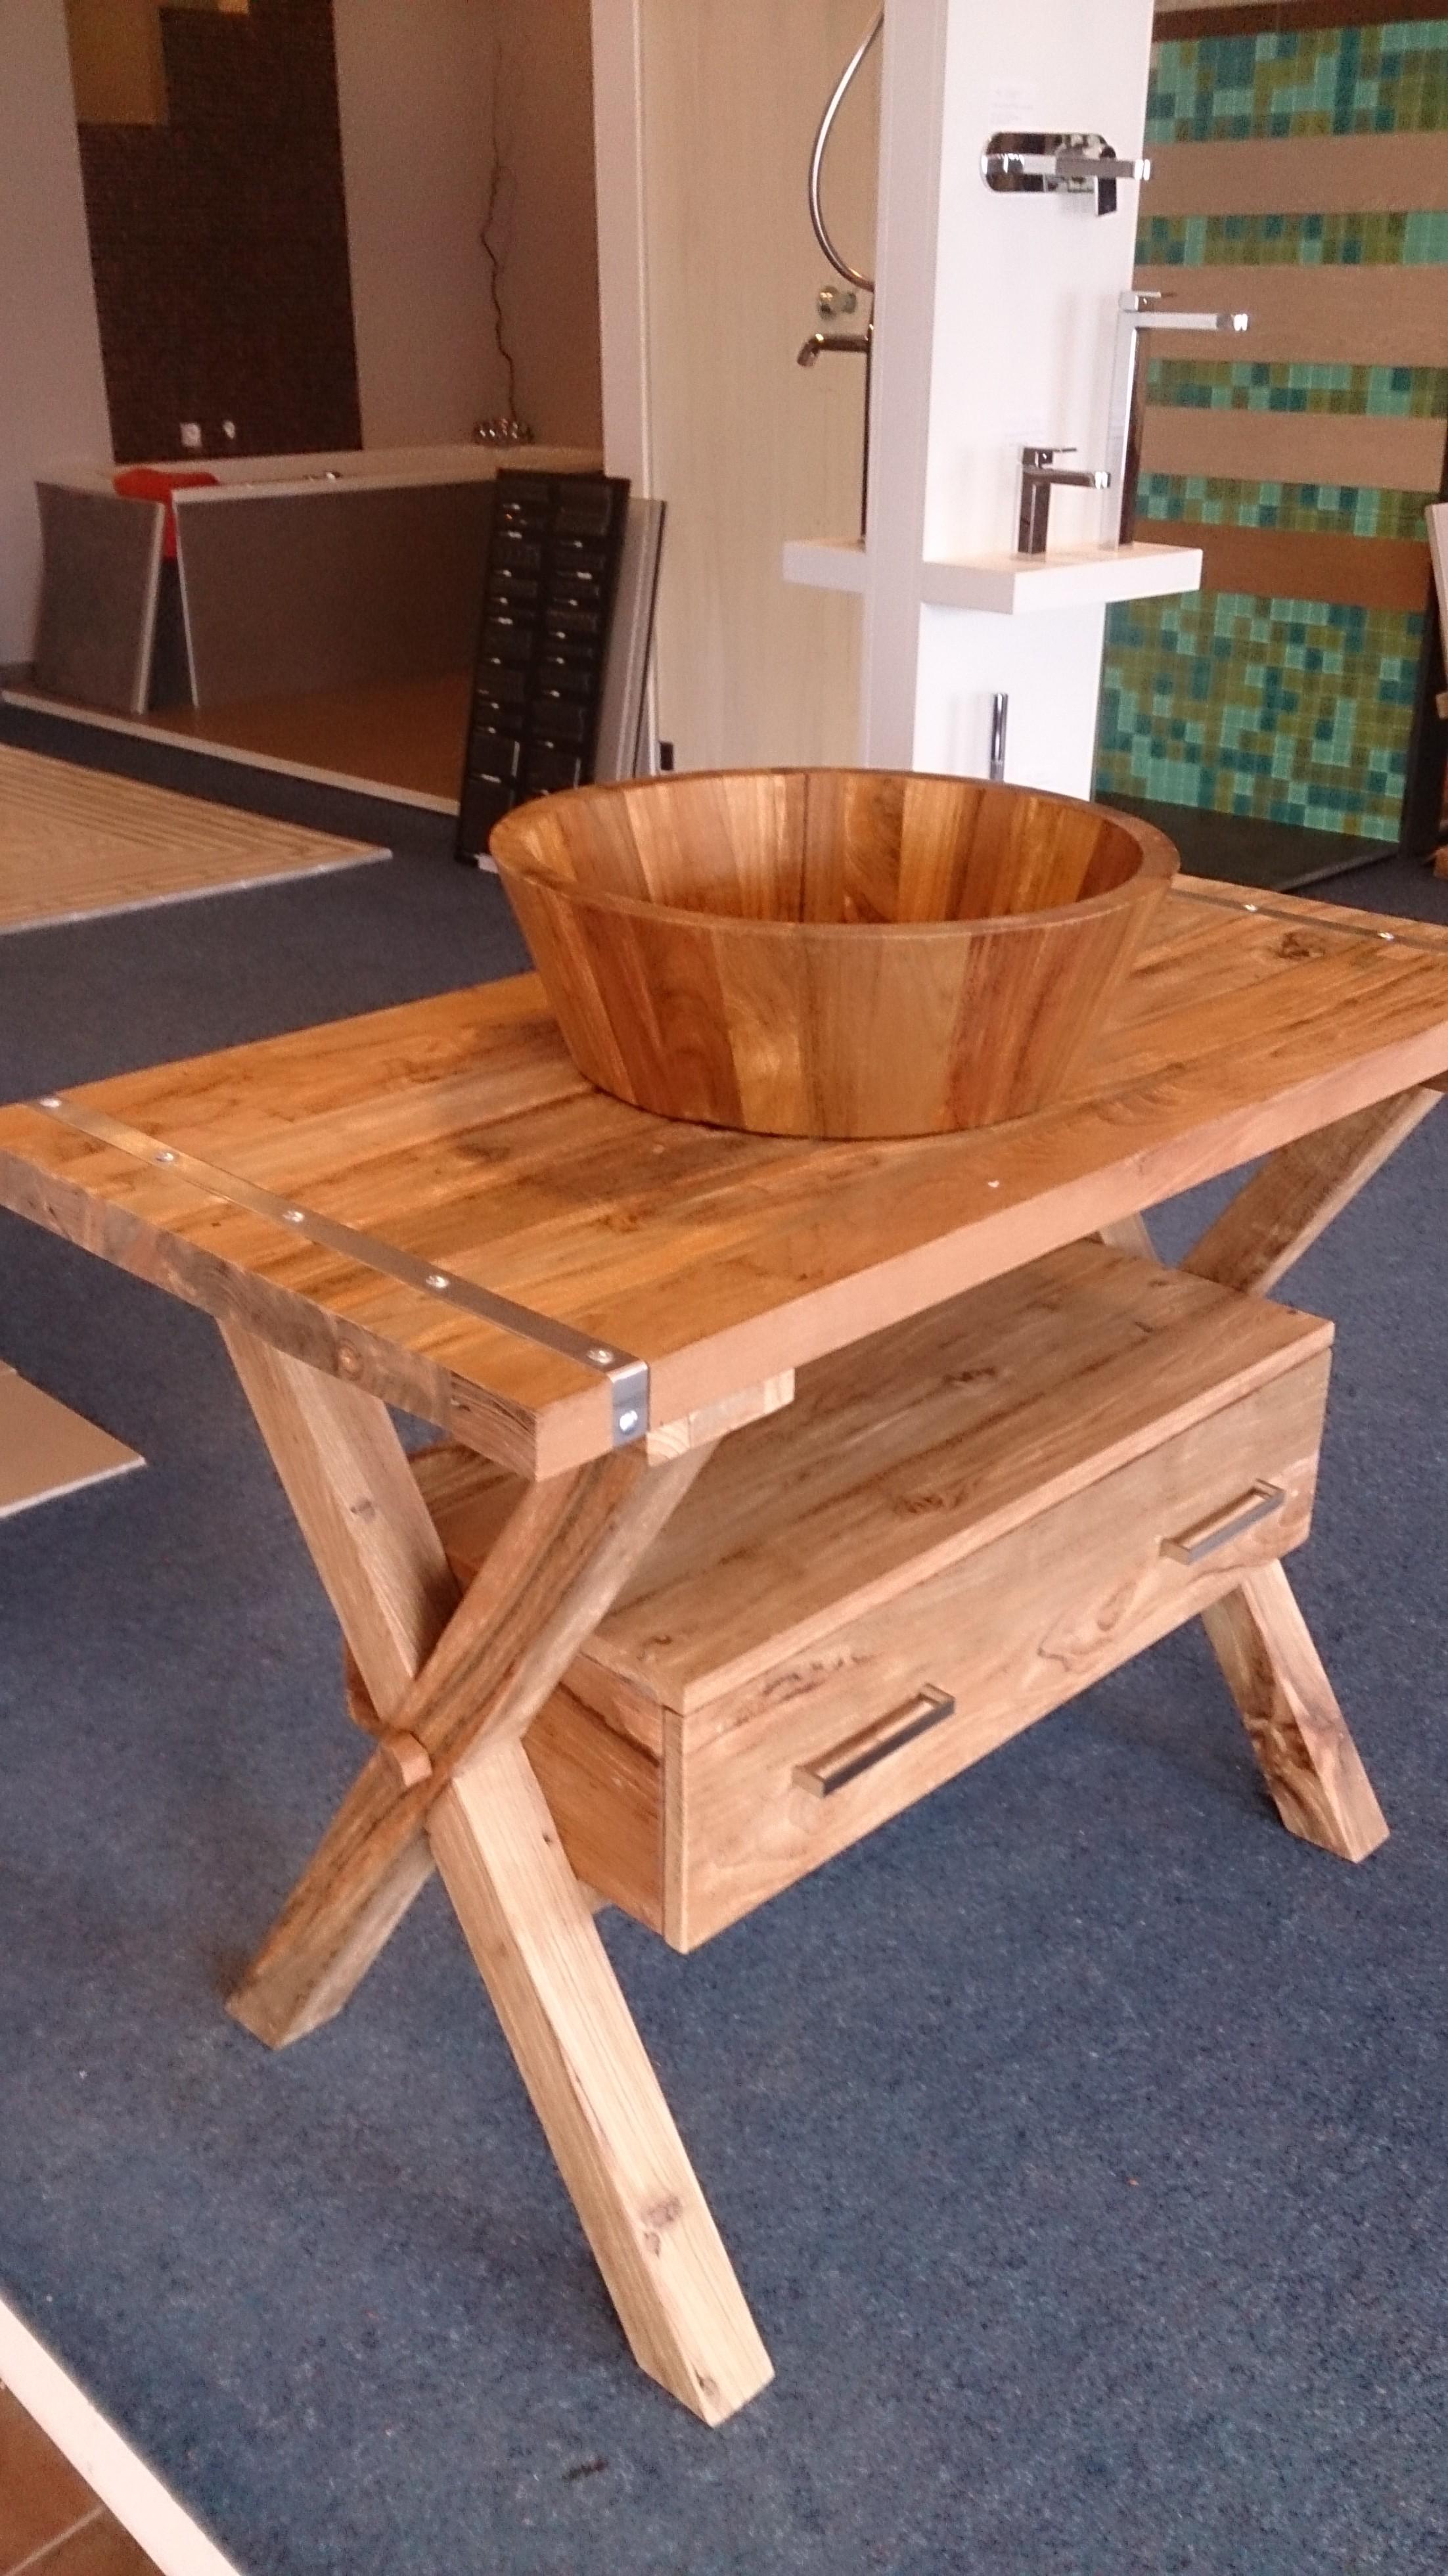 ... hout massief meubel arredo badexclusief toonzaal en teak hout wasbak